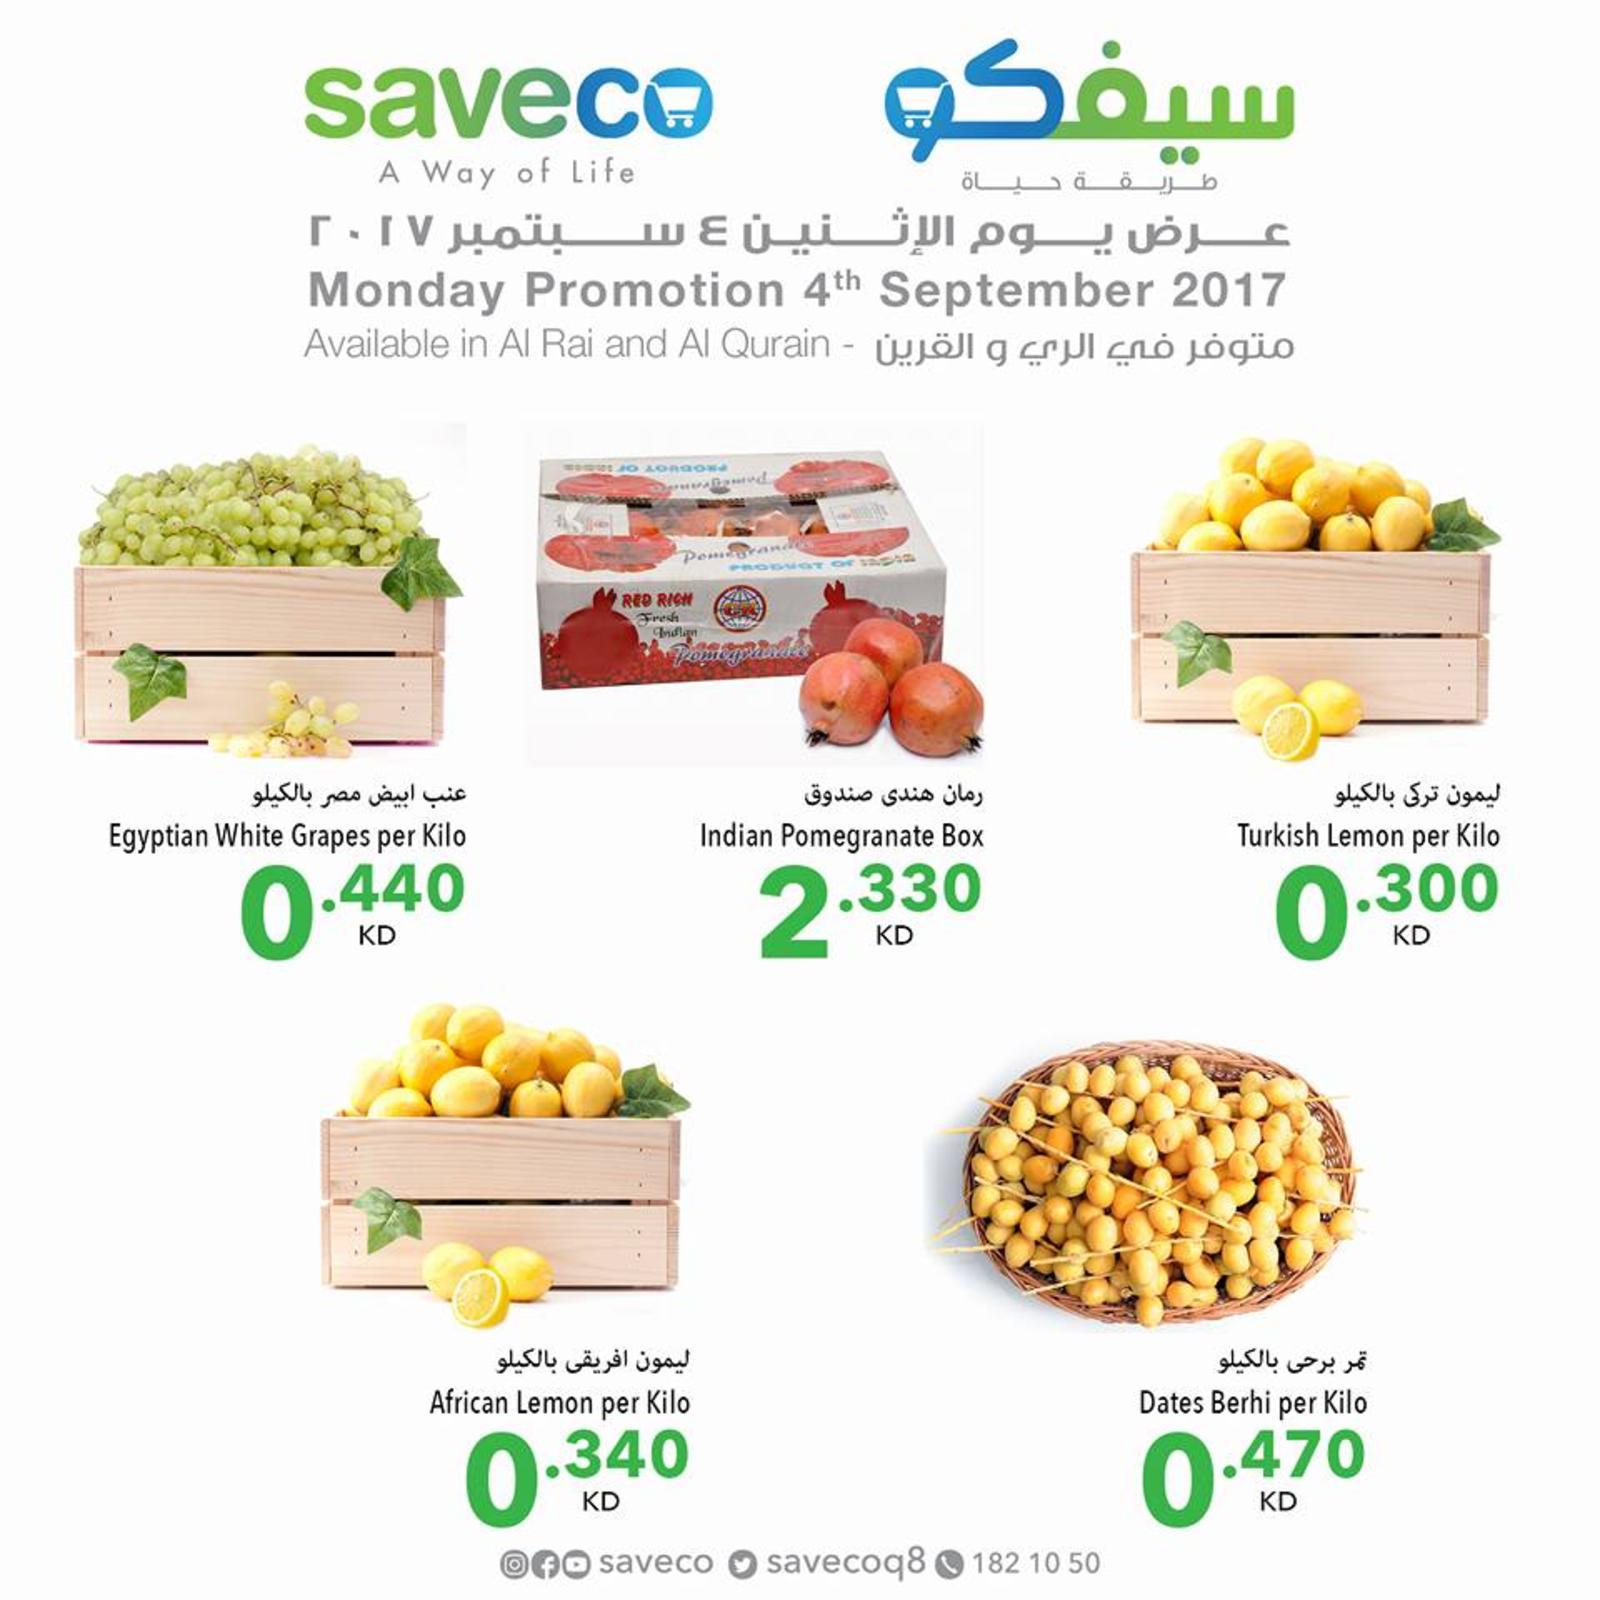 عروض سيفكو الكويت فقط الإثنين 4 سبتمبر 2017 عدد 77 صفحة